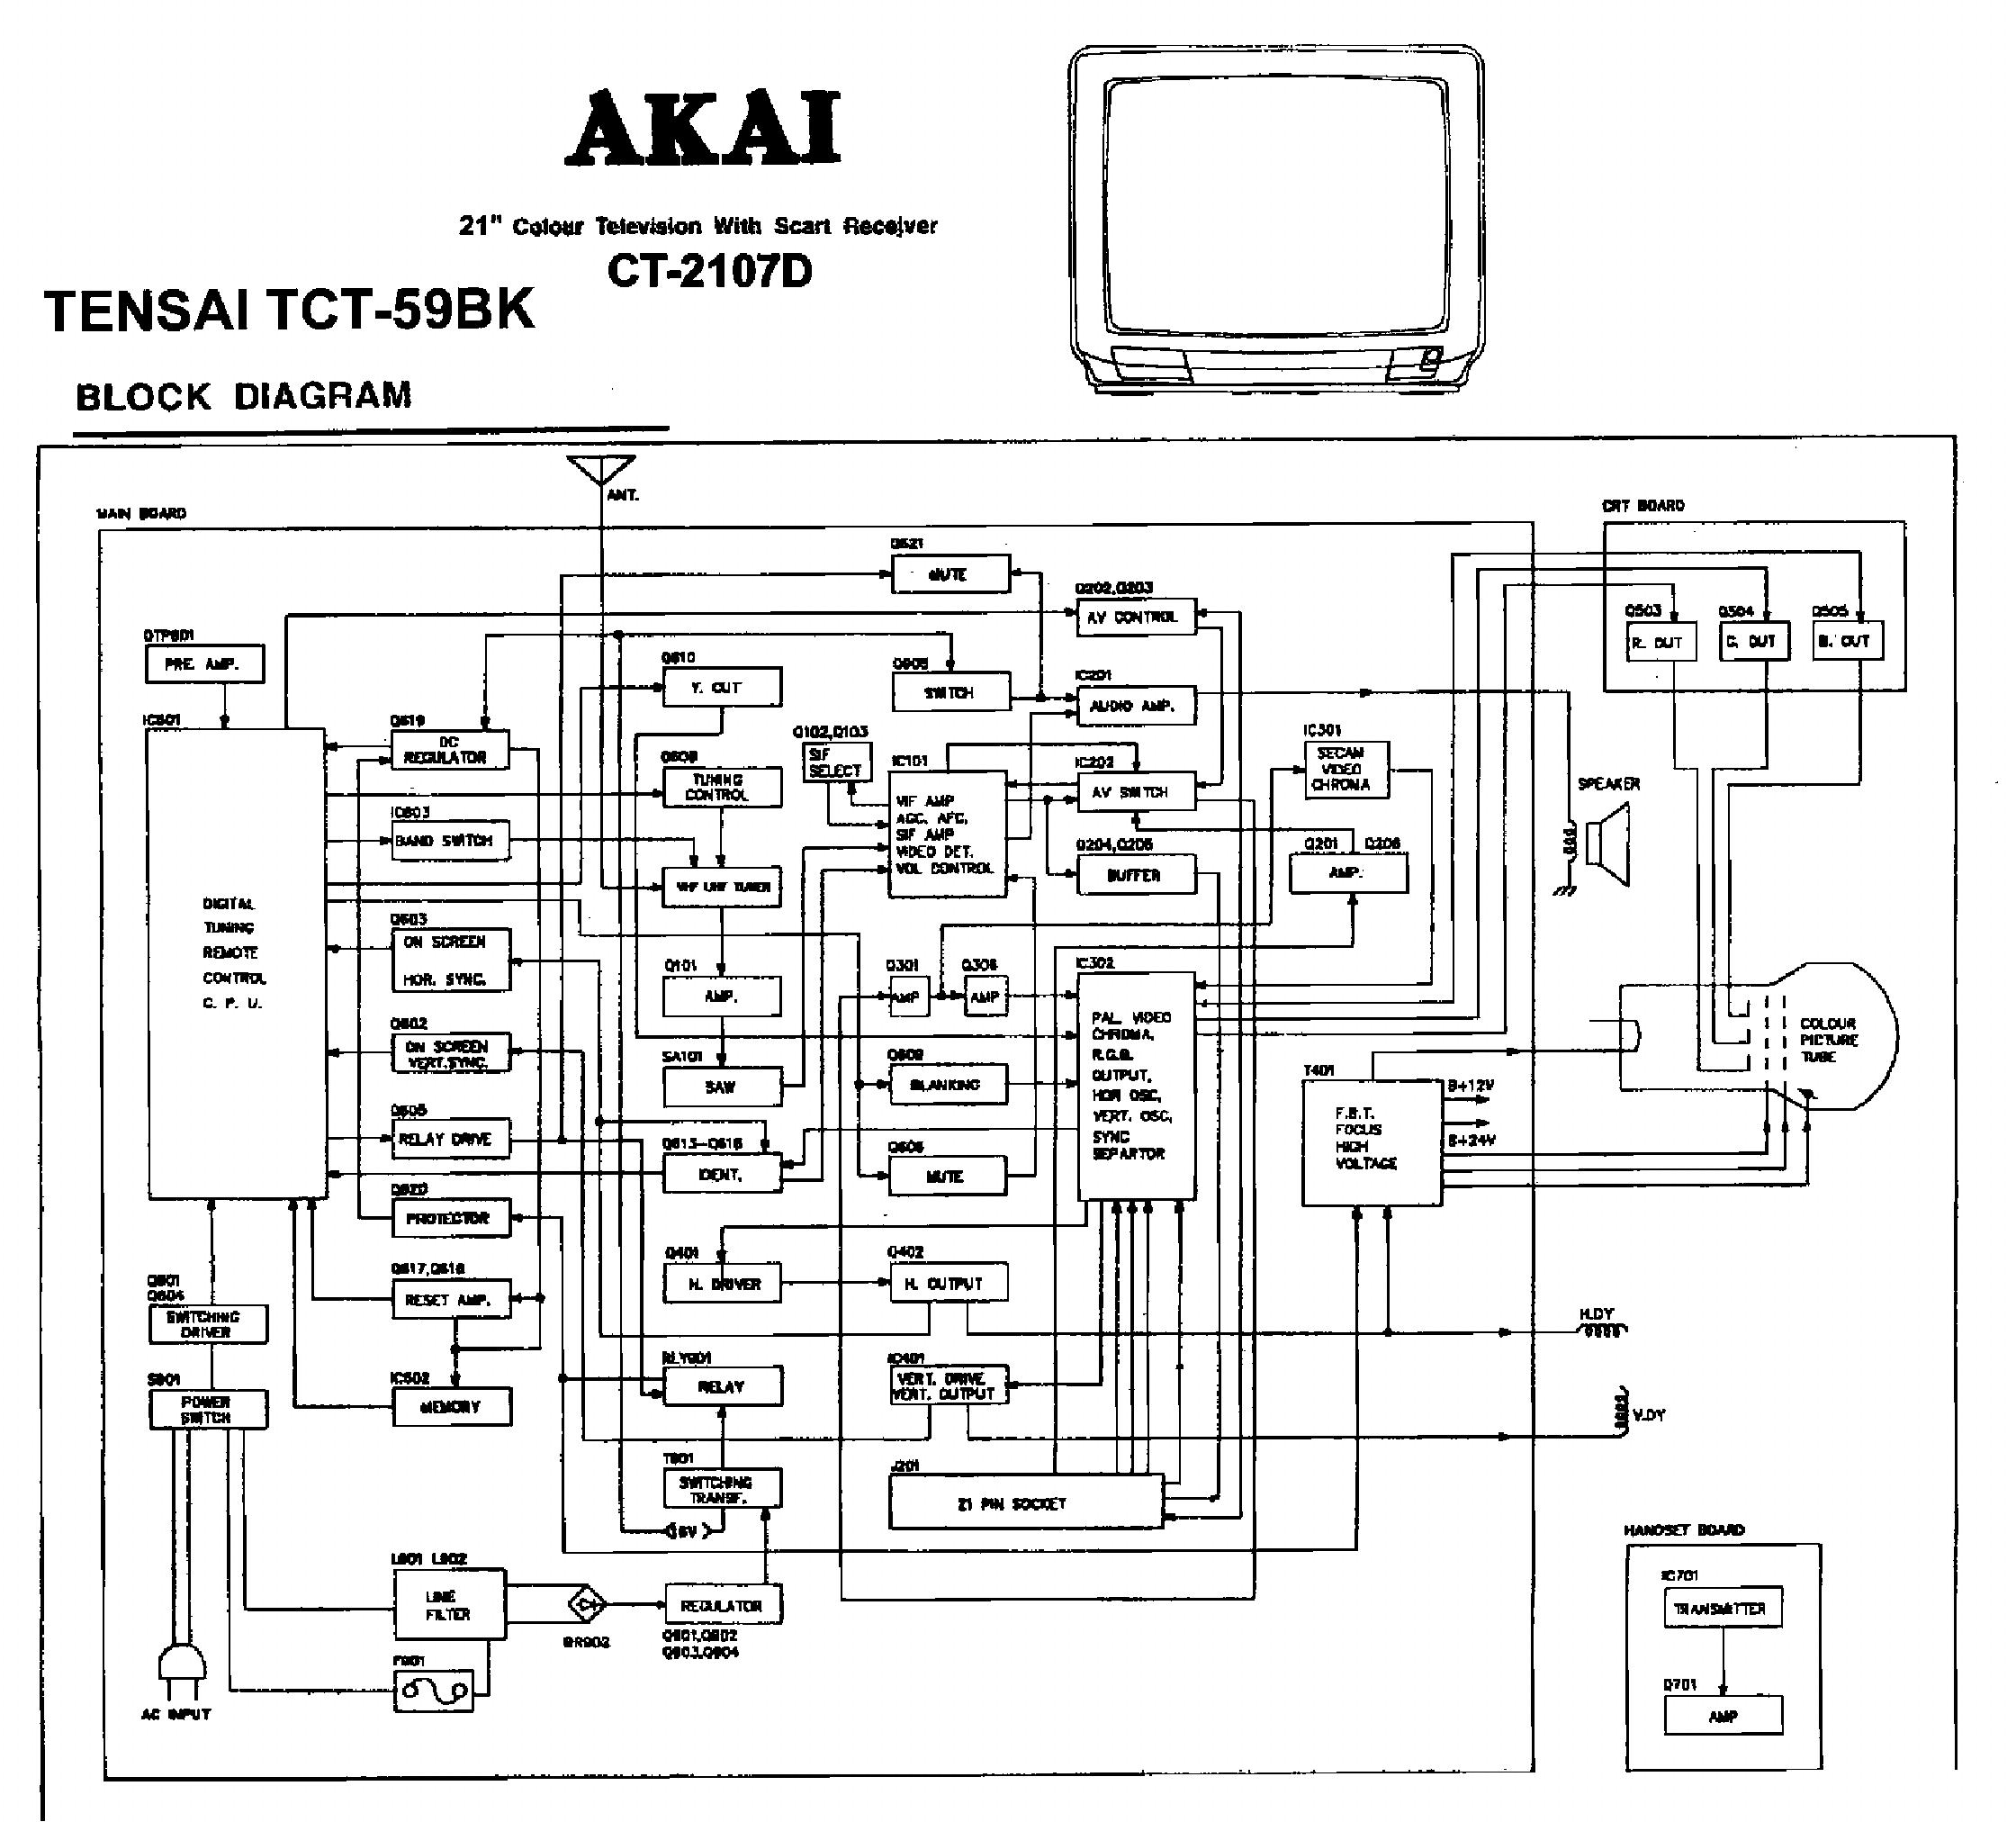 AKAI CT-2107D СХЕМА СКАЧАТЬ БЕСПЛАТНО